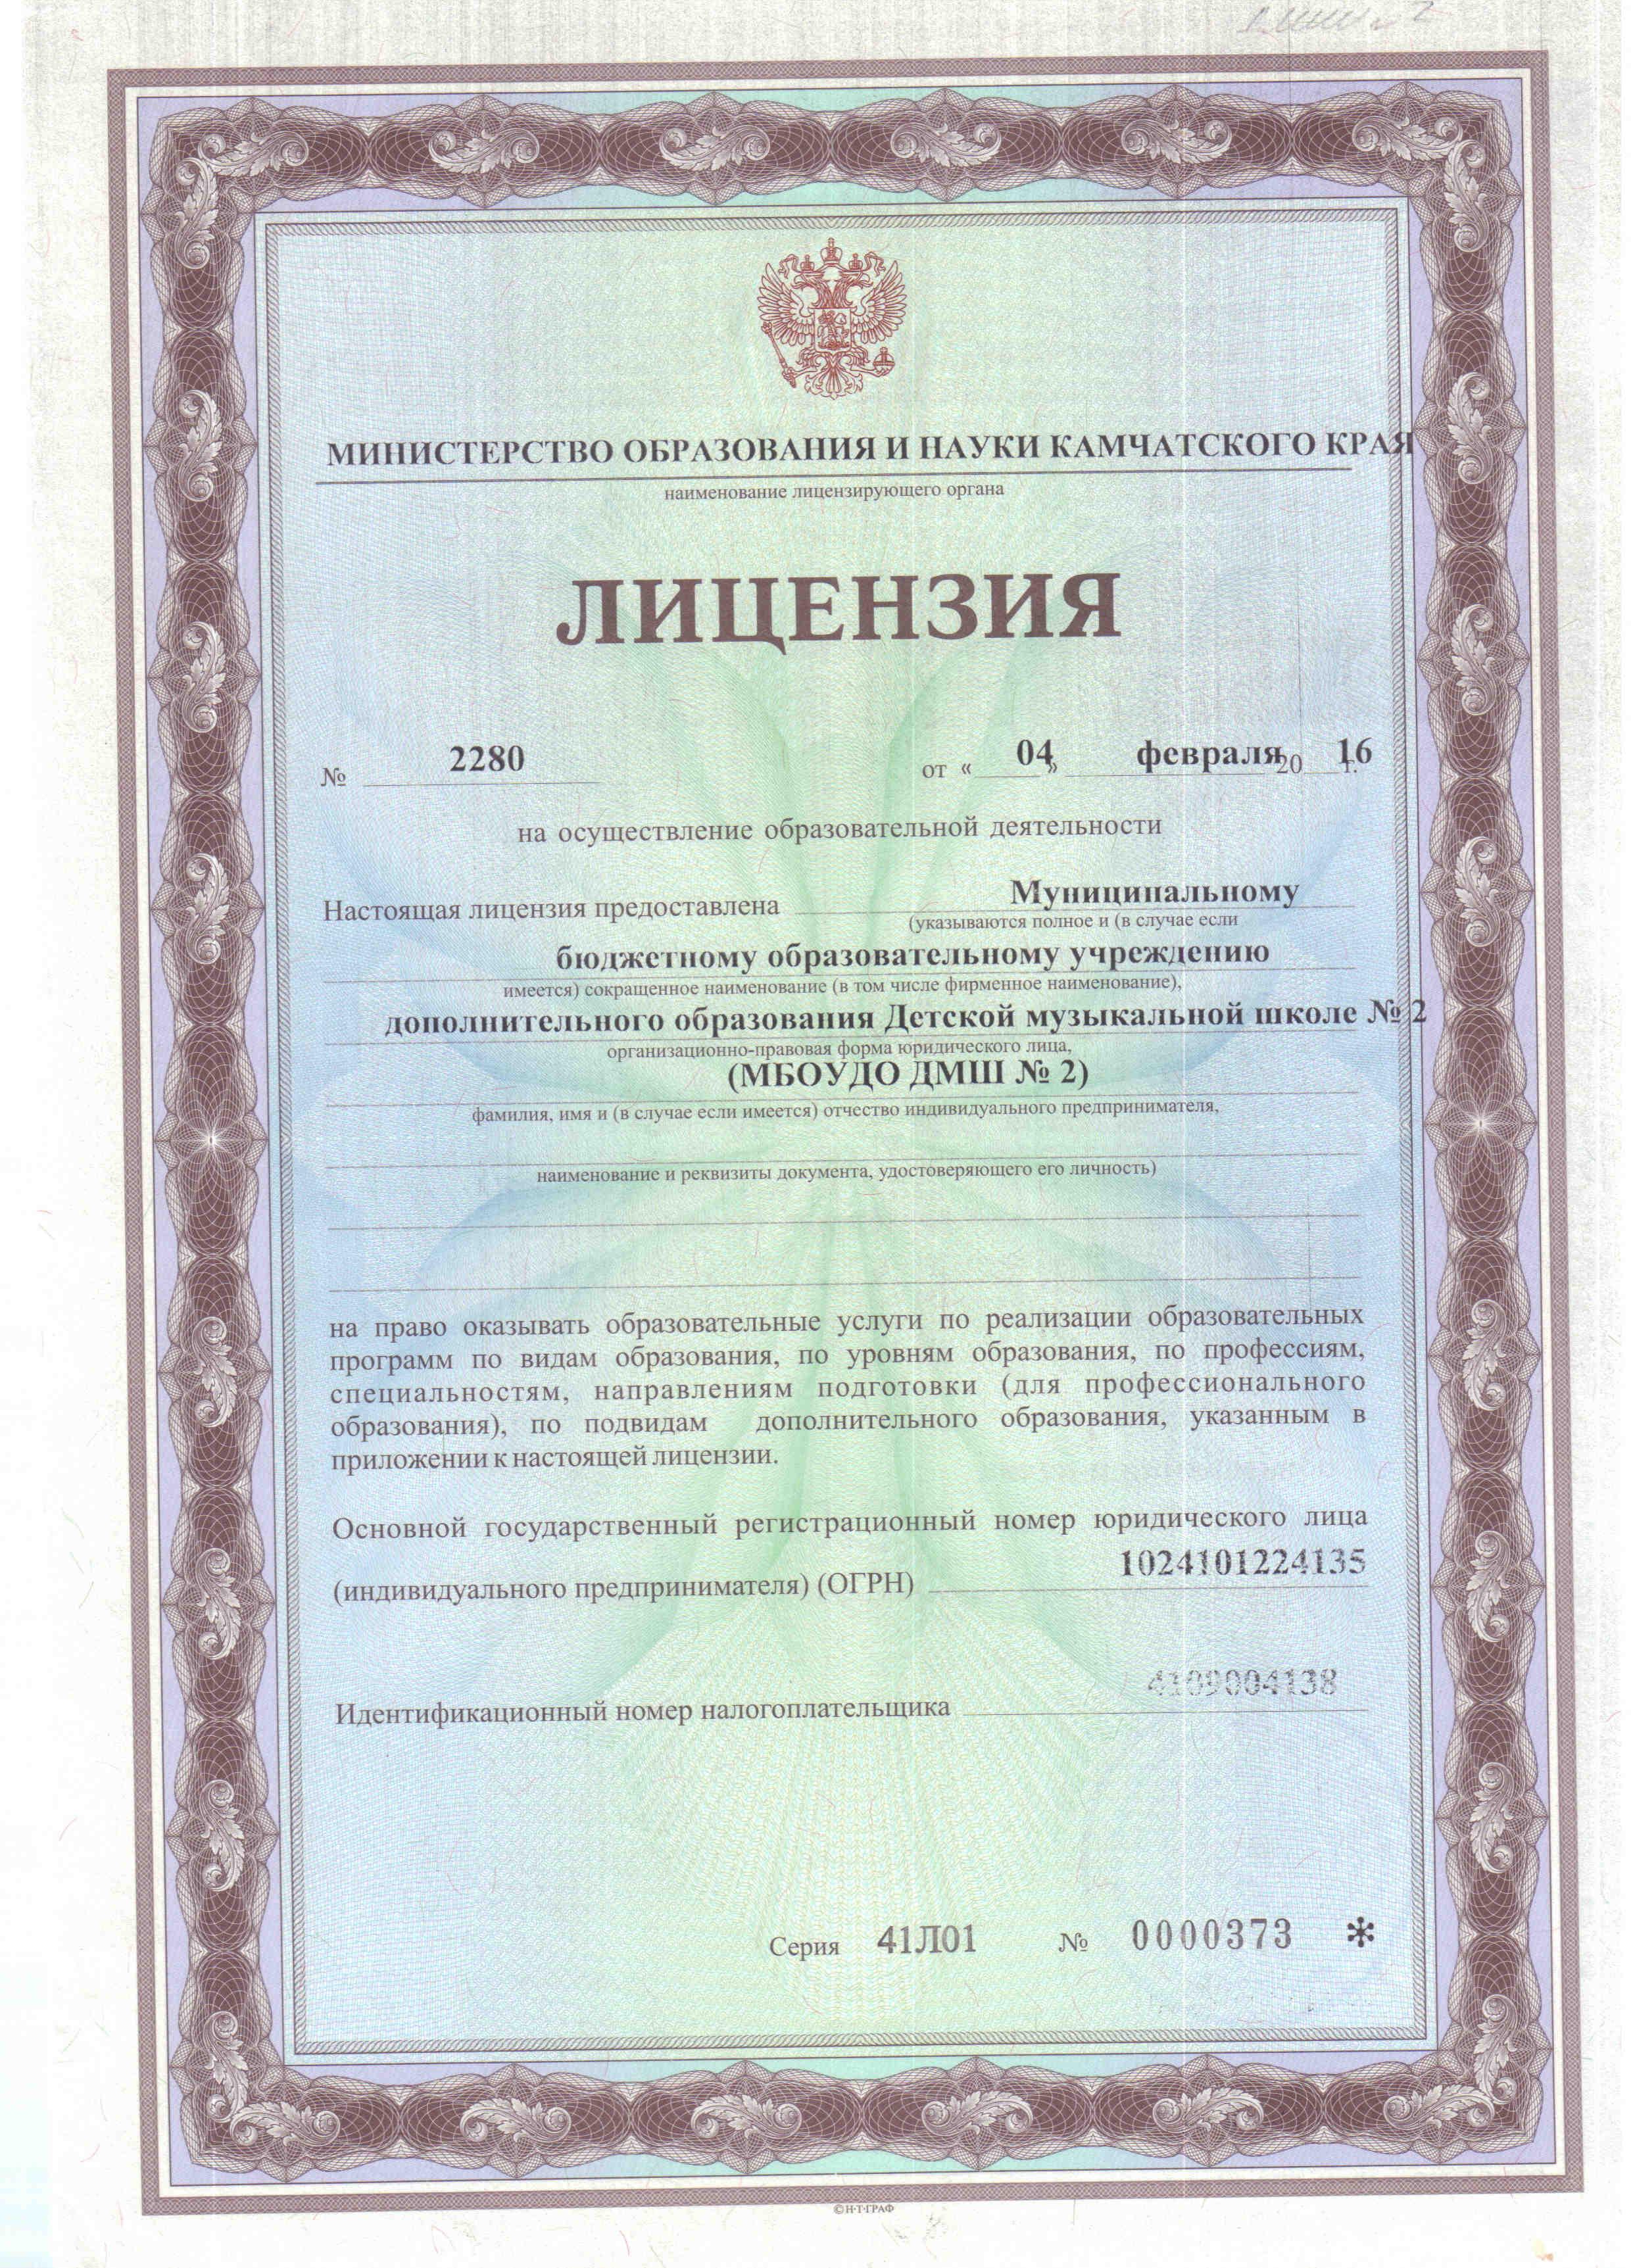 Лицензия МБОУДО ДМШ №2 (1 лист)